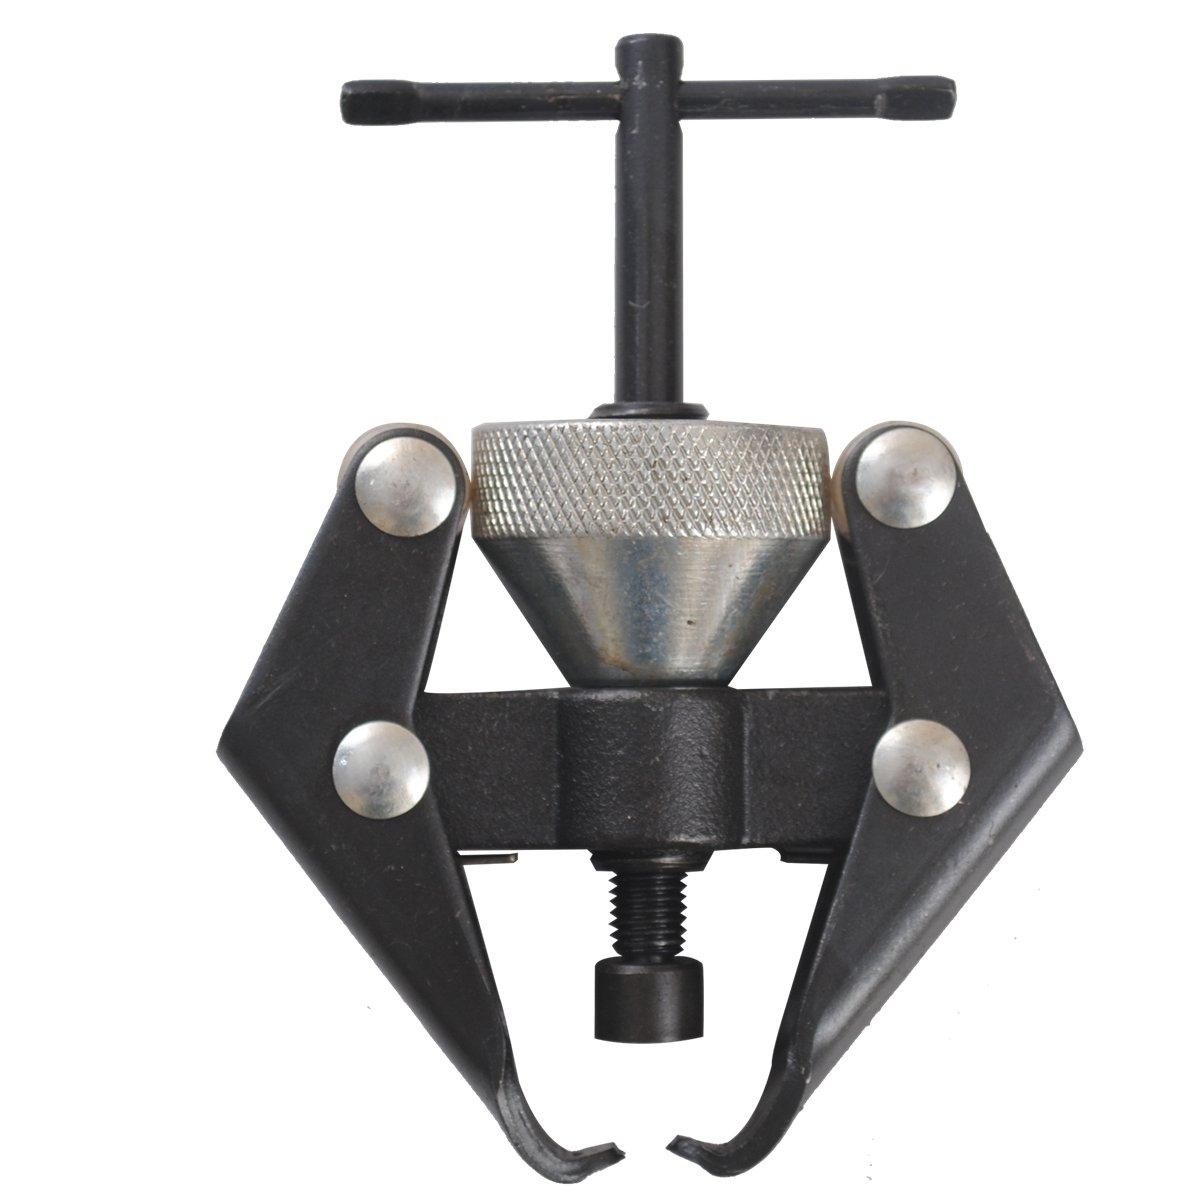 CCLIFE Extracteur de borne et bras d`essuie glace Outil Extracteur de borne de batterie et bras d`essuie glace - arrache essuie glace